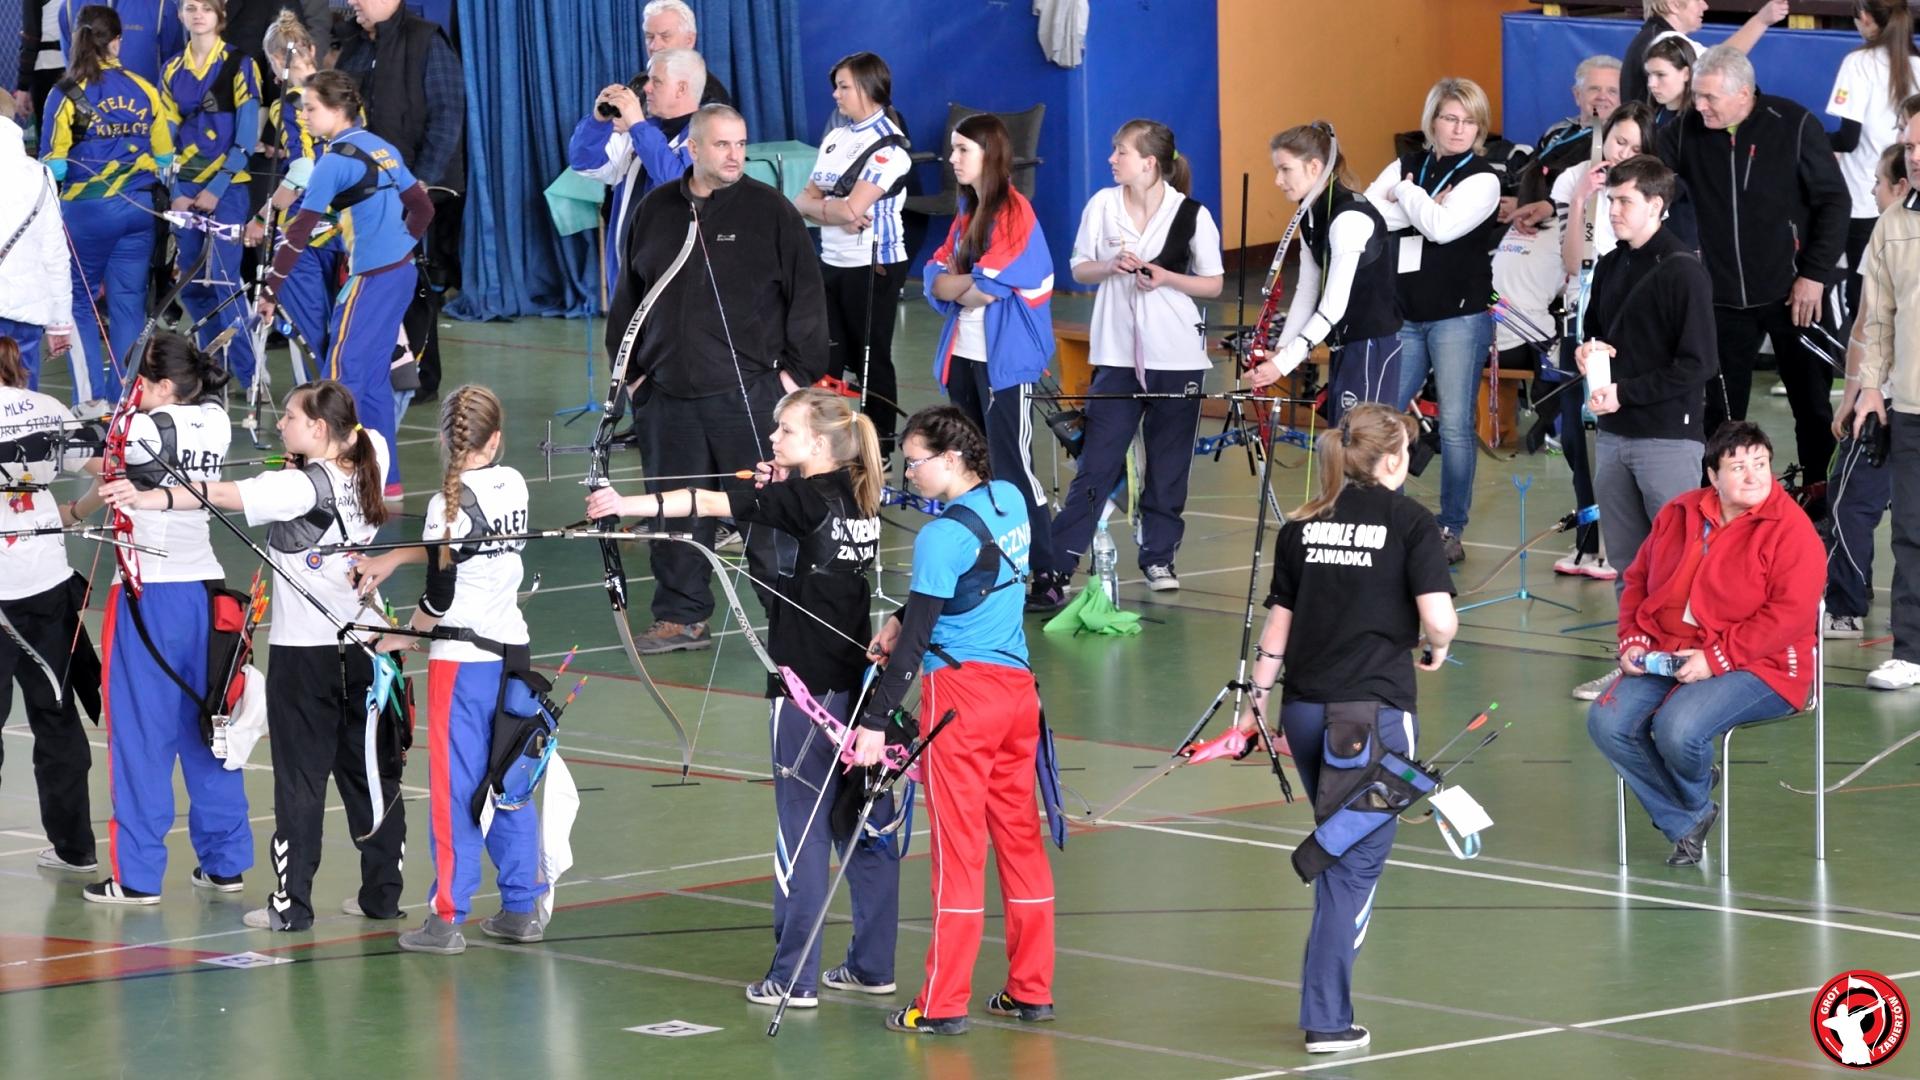 Photo: XXIII Halowe Mistrzostwa Polski Juniorów M³odszych - Zgierz 2013